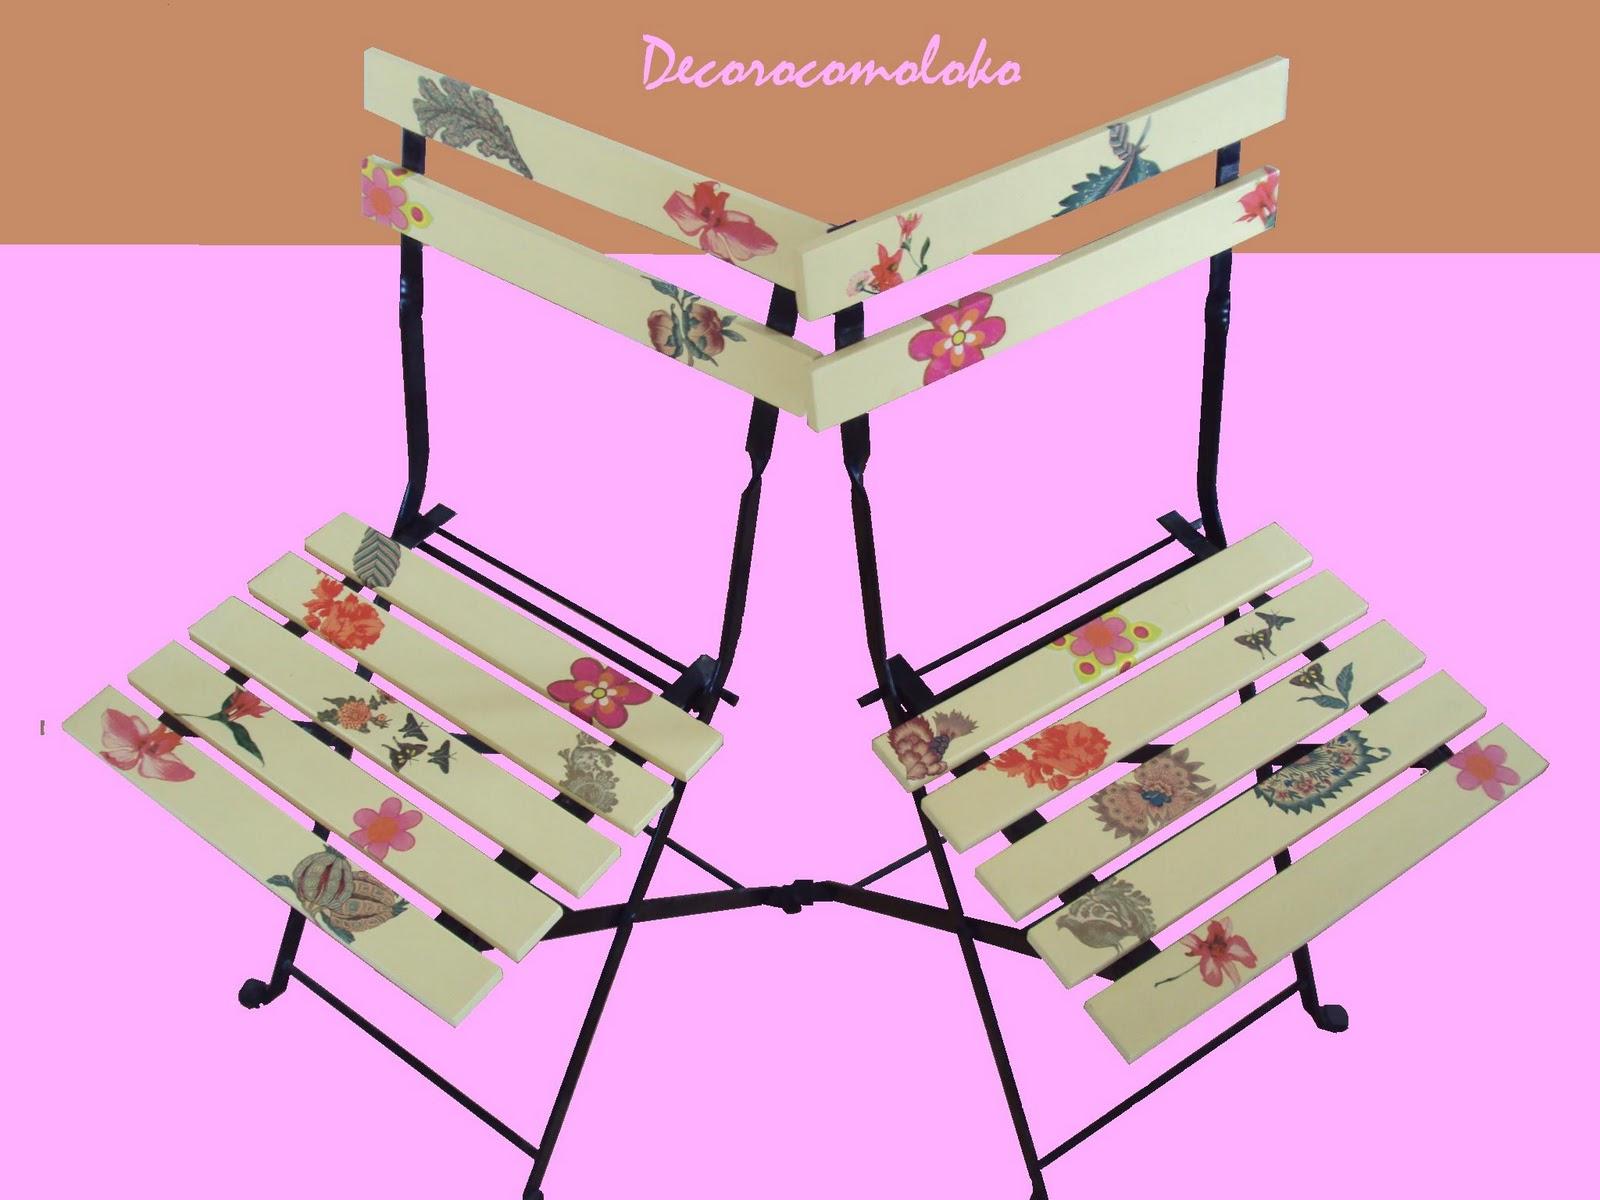 Decorocomoloko decoupage para una sillas de terraza - Sillas de plastico para terraza ...